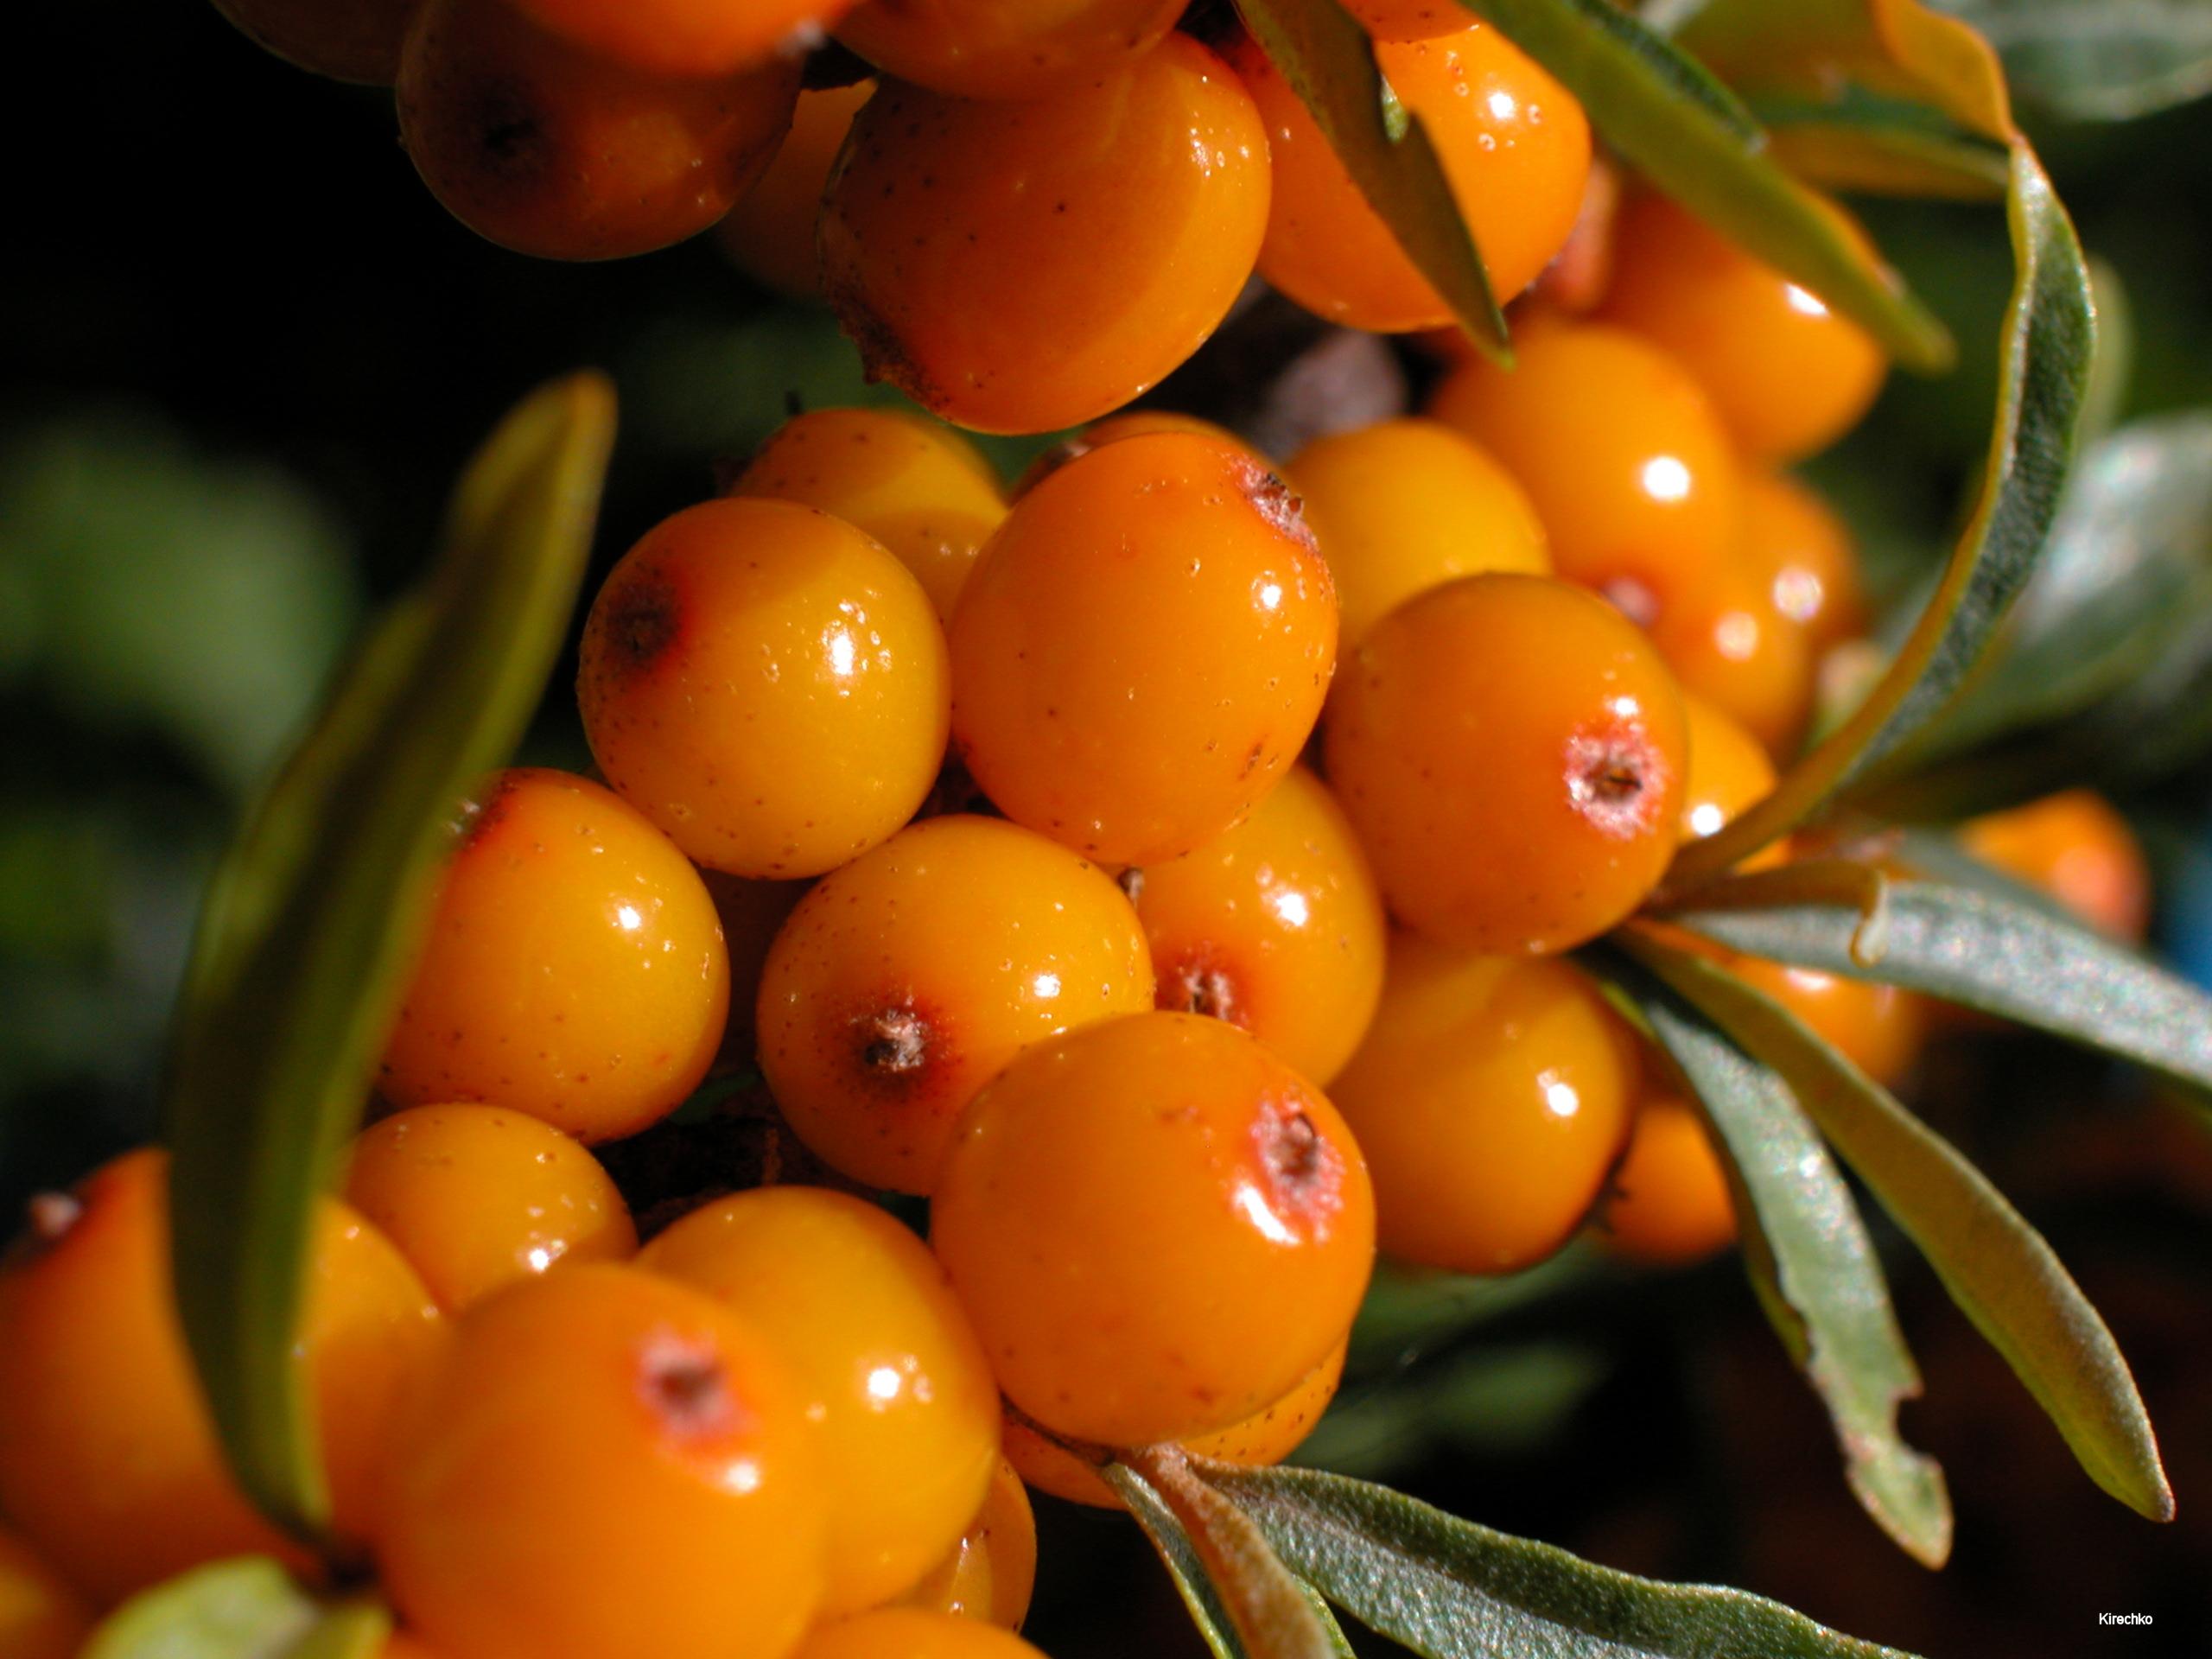 DUINDOORN een stekelige struik met zeer zure, erg decoratieve oranje bessen